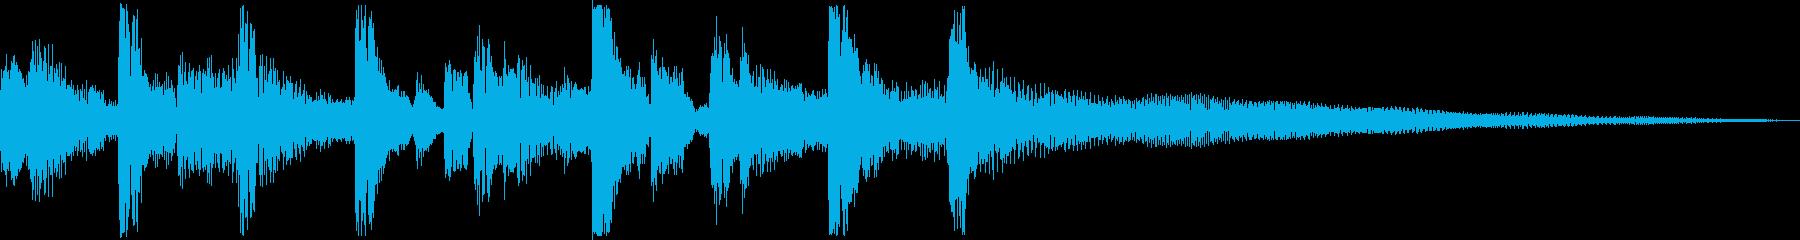 現代のサウンド産業/企業/テクノロ...の再生済みの波形